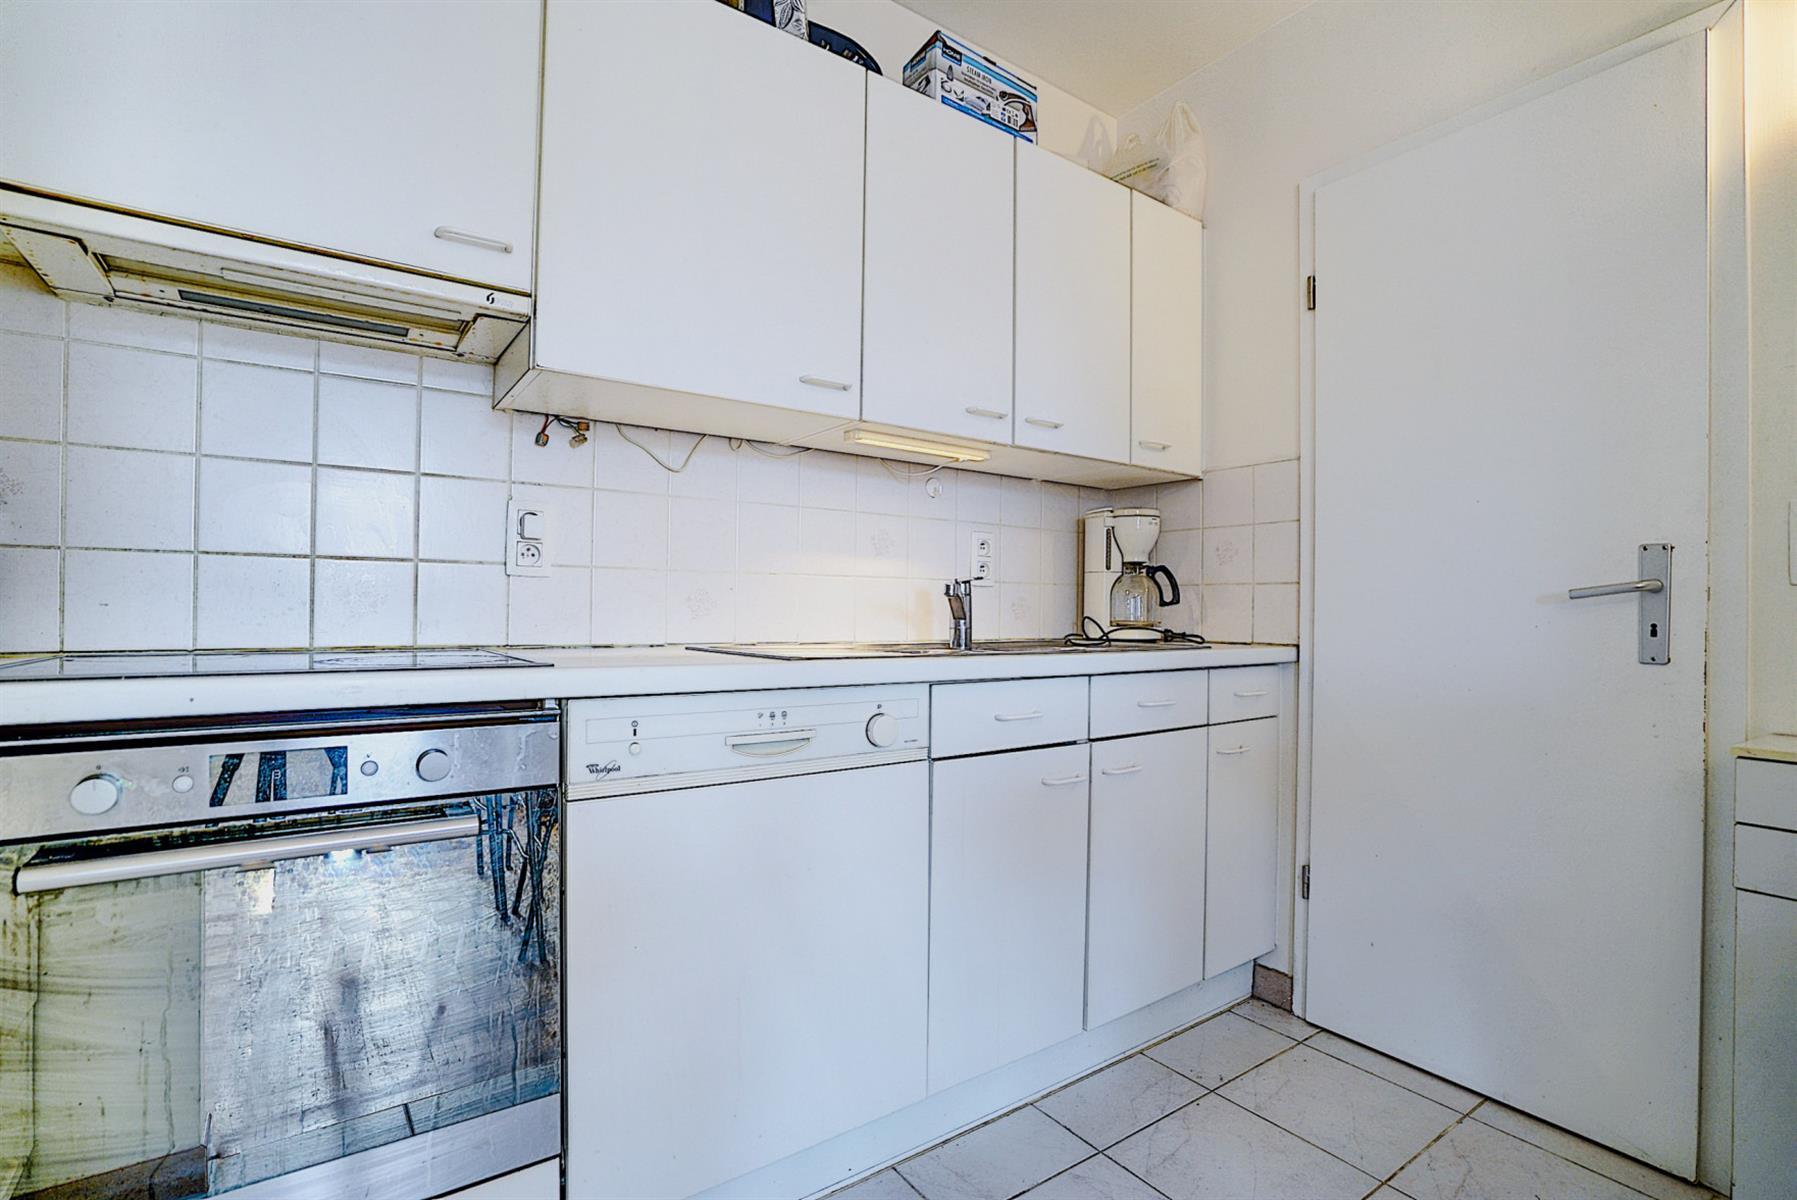 Appartement - Ottignies-louvain-la-neuve - #4342720-6